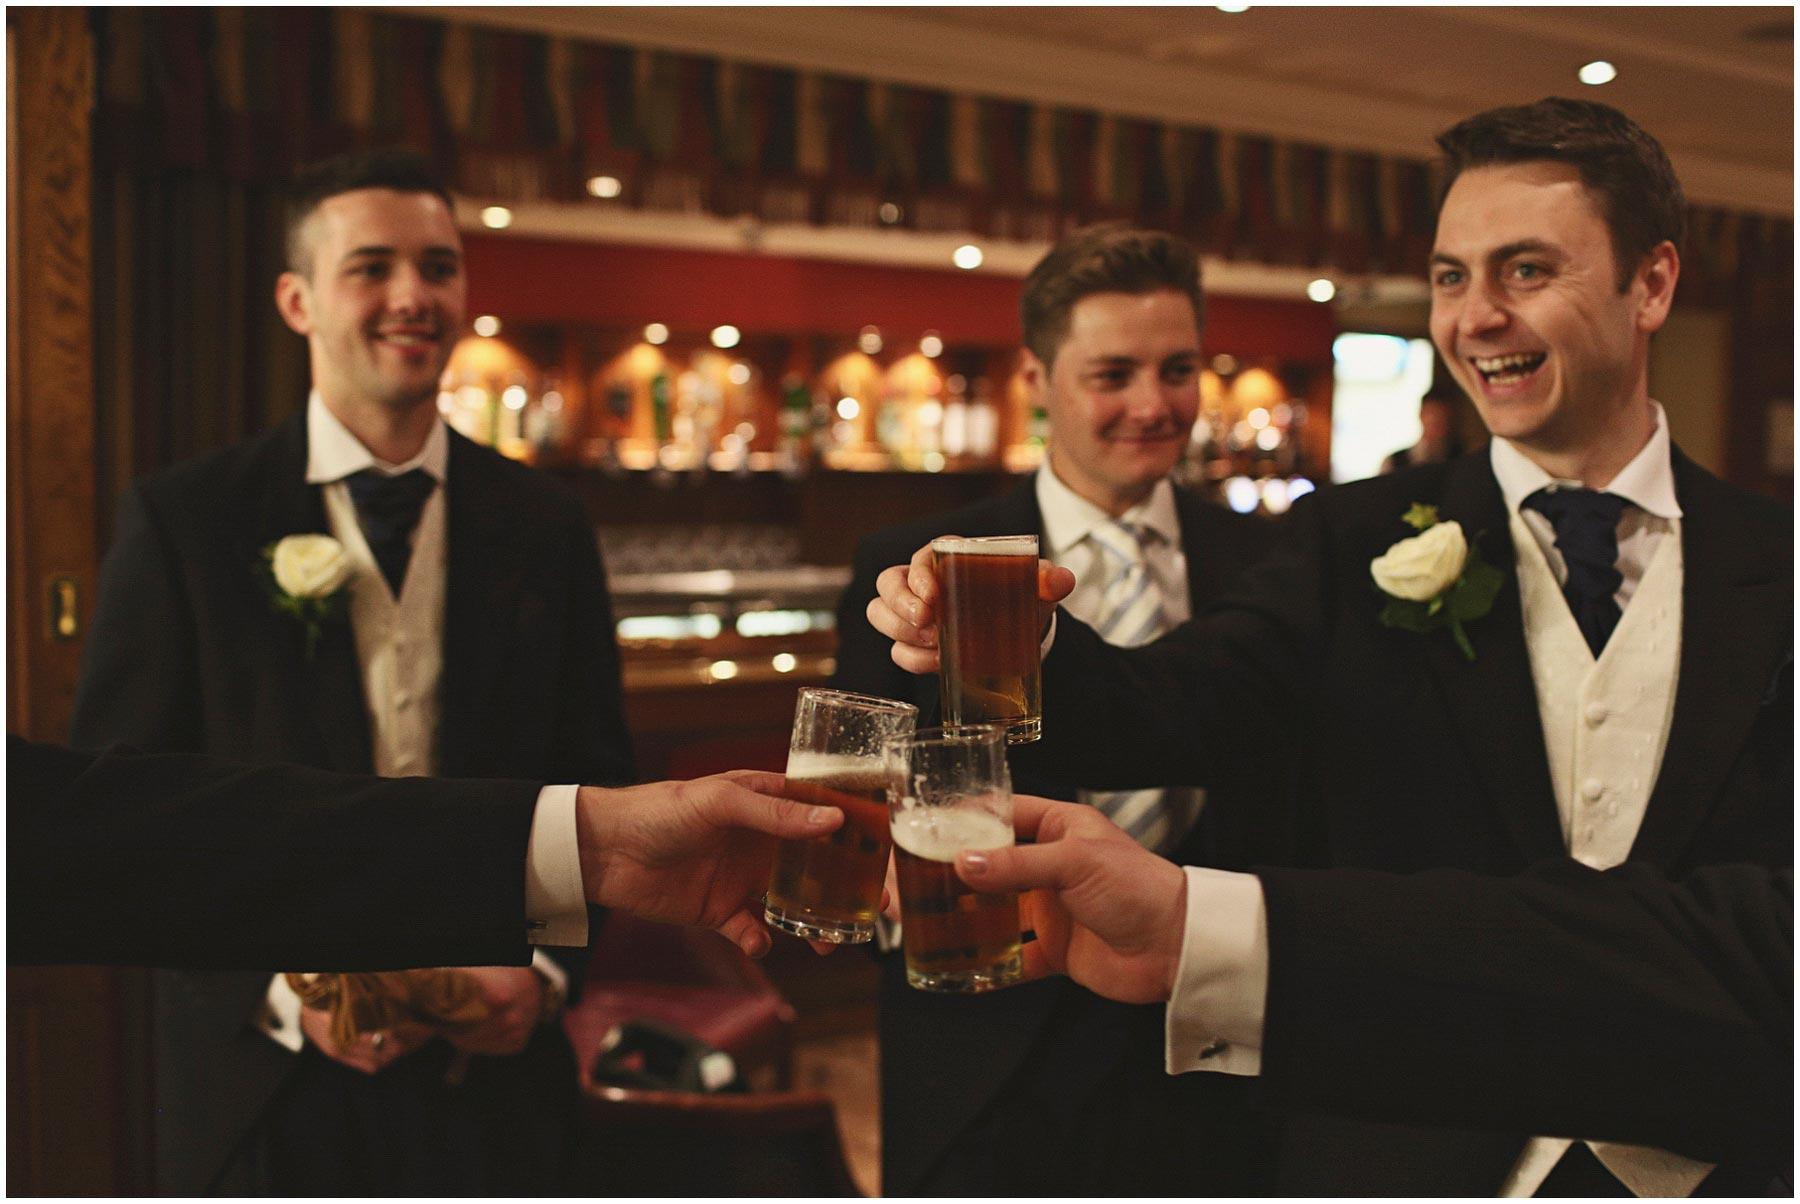 Wentbridge-House-Wedding-Photography-39